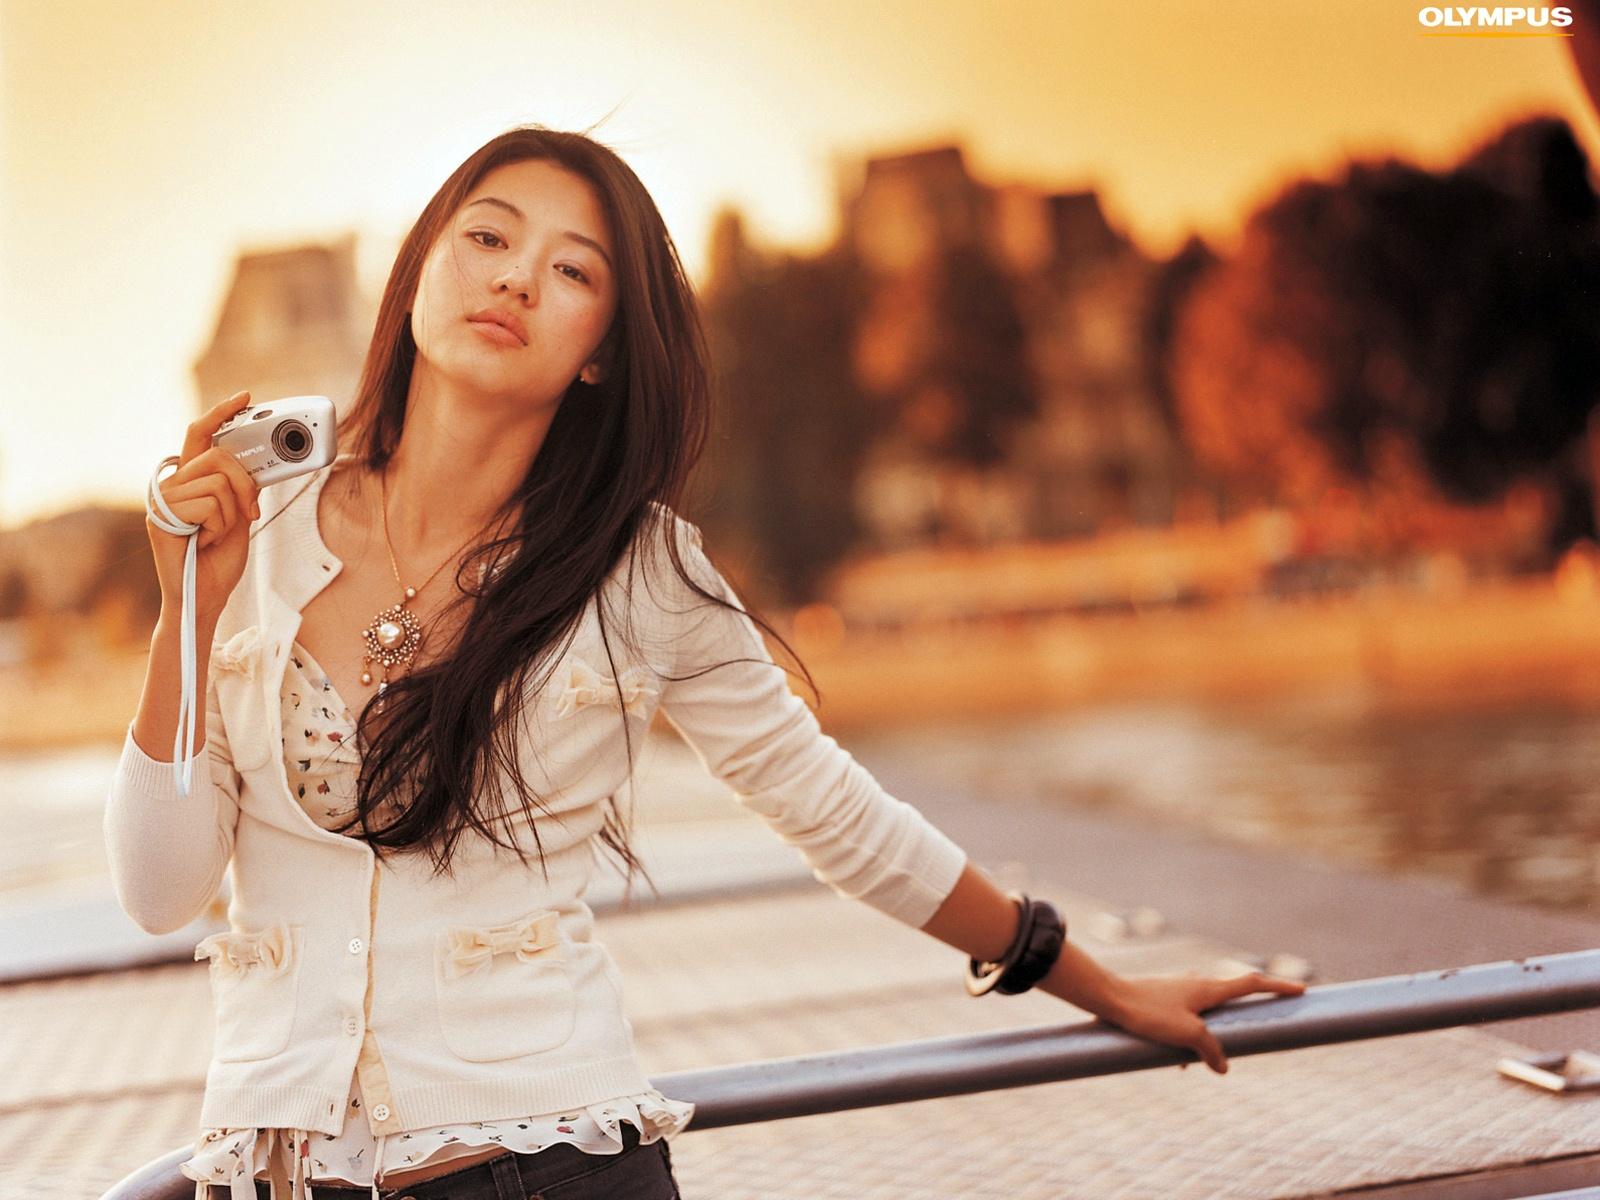 Jun Ji Hyun Korean Actress Wallpapers HD Wallpapers 1600x1200